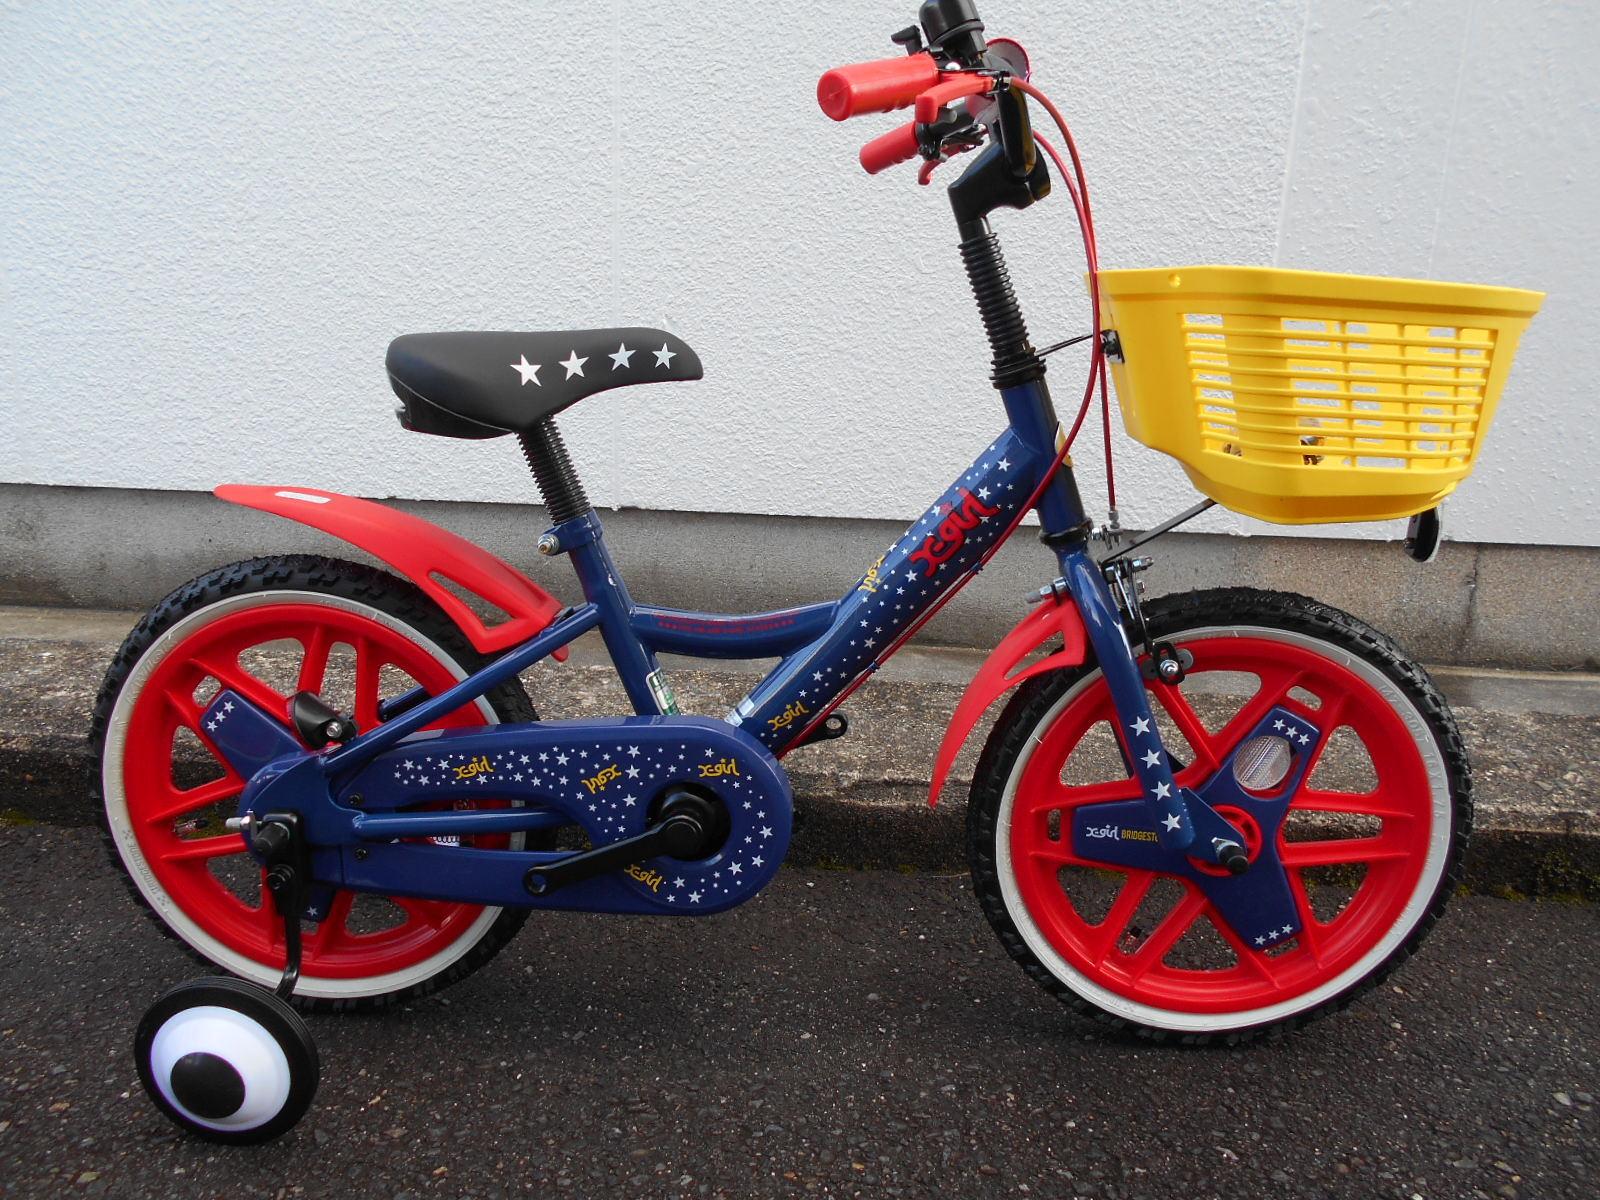 X-GIRLとBRIDGESTONEがコラボした子供車が特価で入荷!_b0189682_12025051.jpg